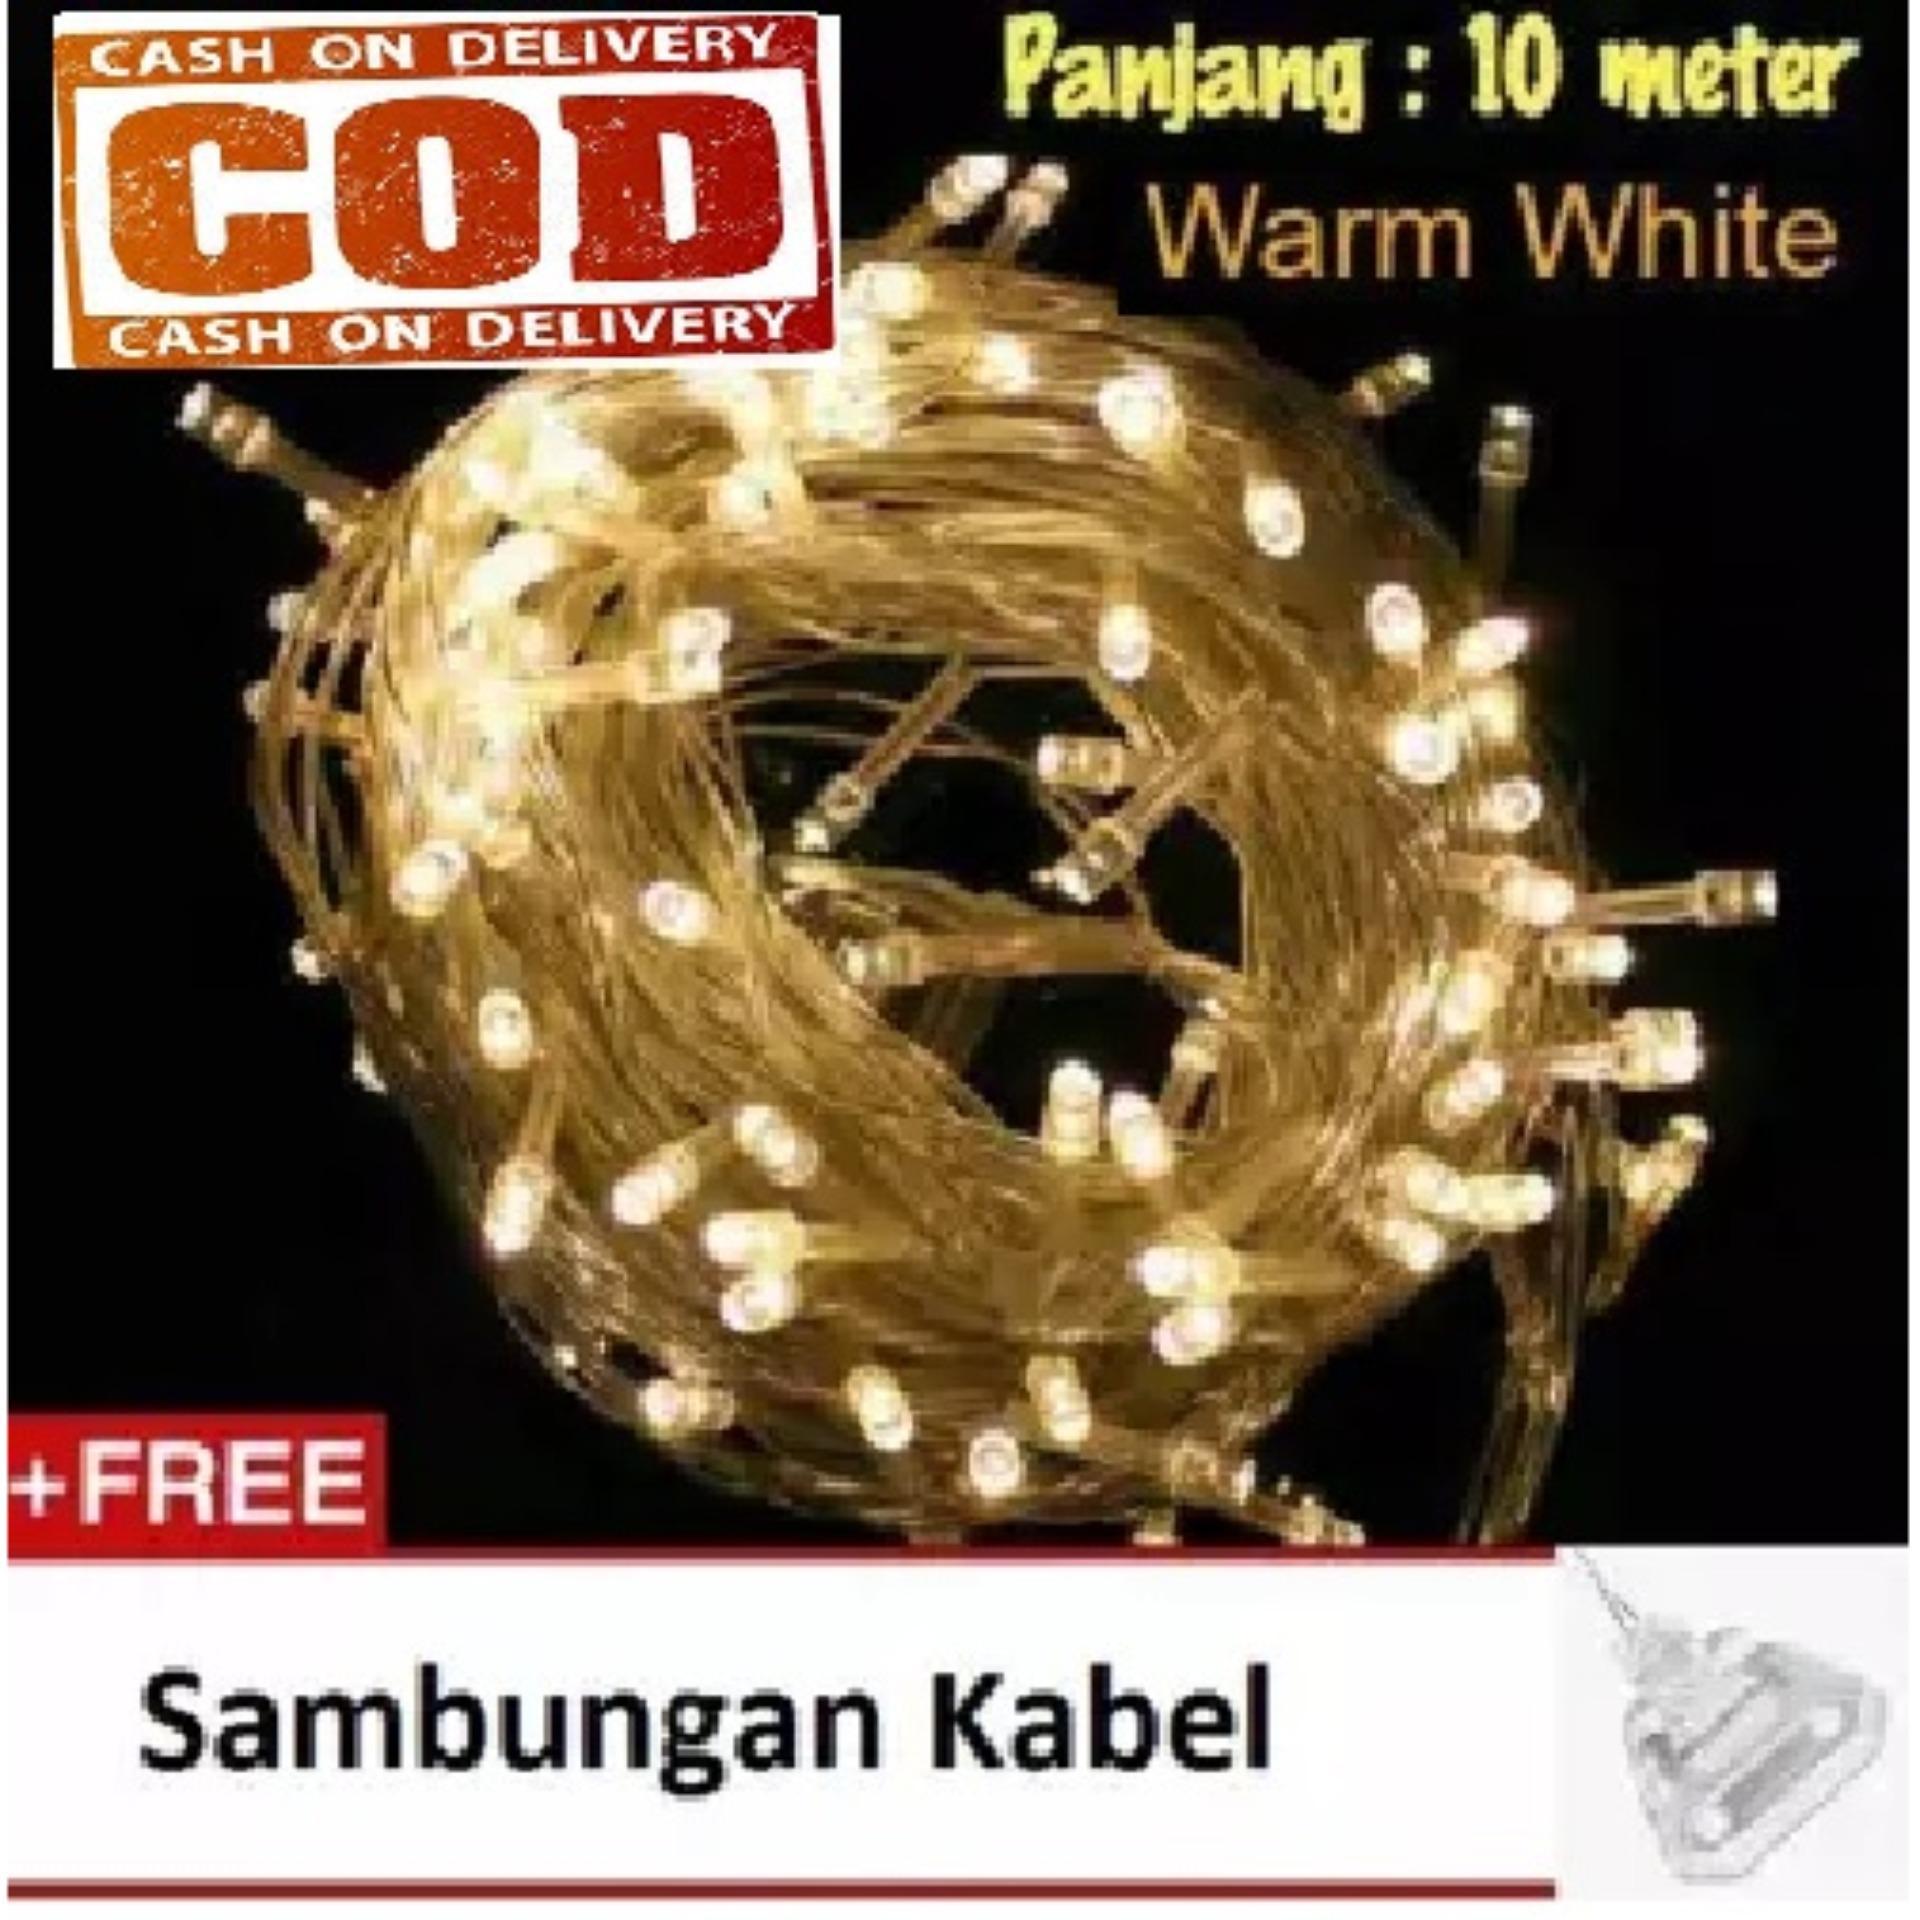 Lampu Tembak Terbaik Murah Led Sensor Sentuh Di Mobil Indoor Outdoor Tanpa Kabel Tumblr Hias Natal Twingkle Light Warm White 10 Meter